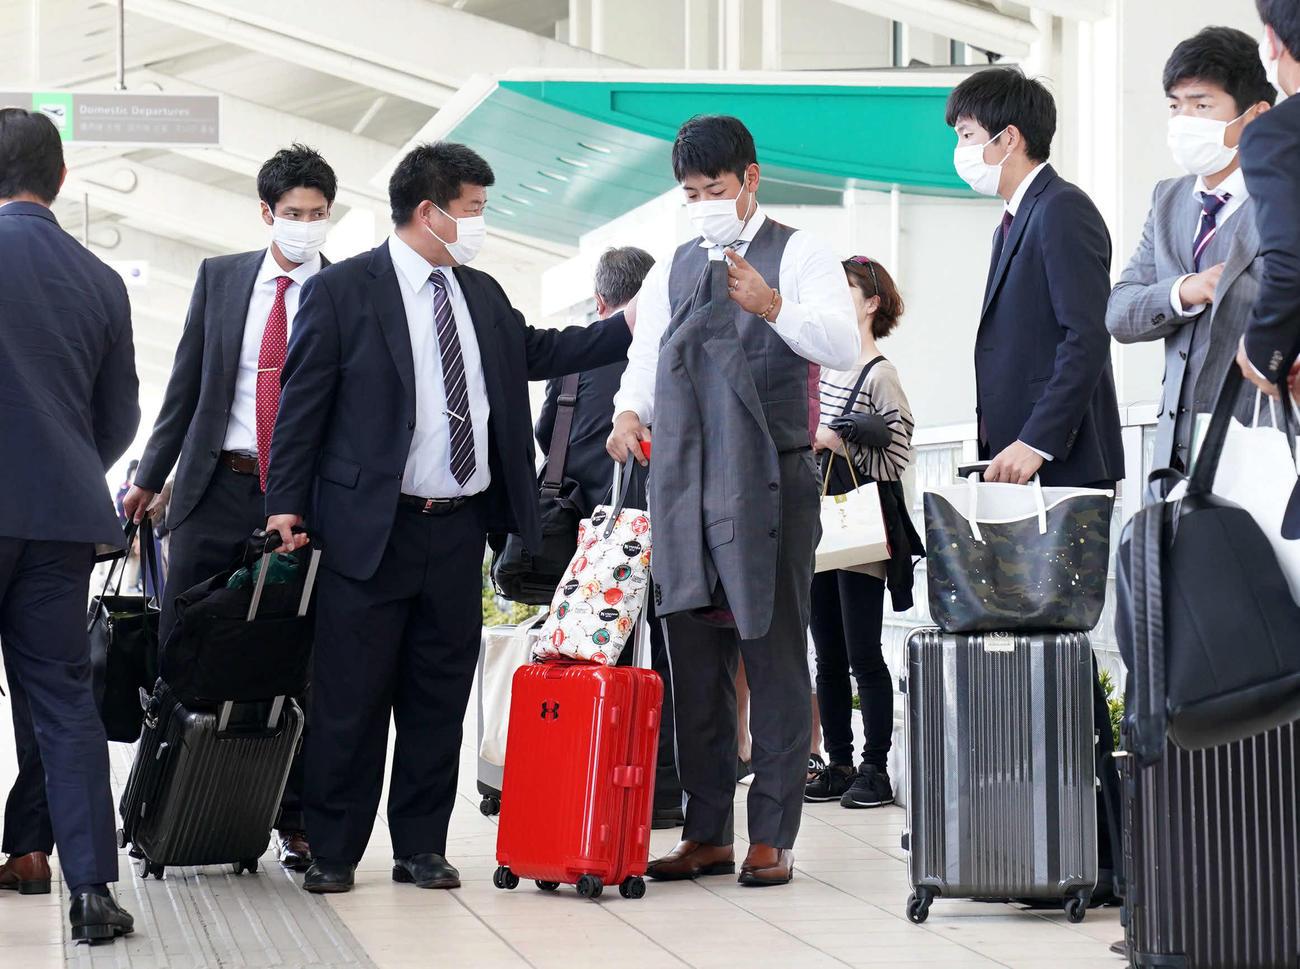 巨人沖縄キャンプを終え、那覇空港で通りがかりの人に声をかけられる岡本(中央)。空港では乗客のみならず、職員も含むほとんどの人がマスクを着用していた(撮影・加藤諒)